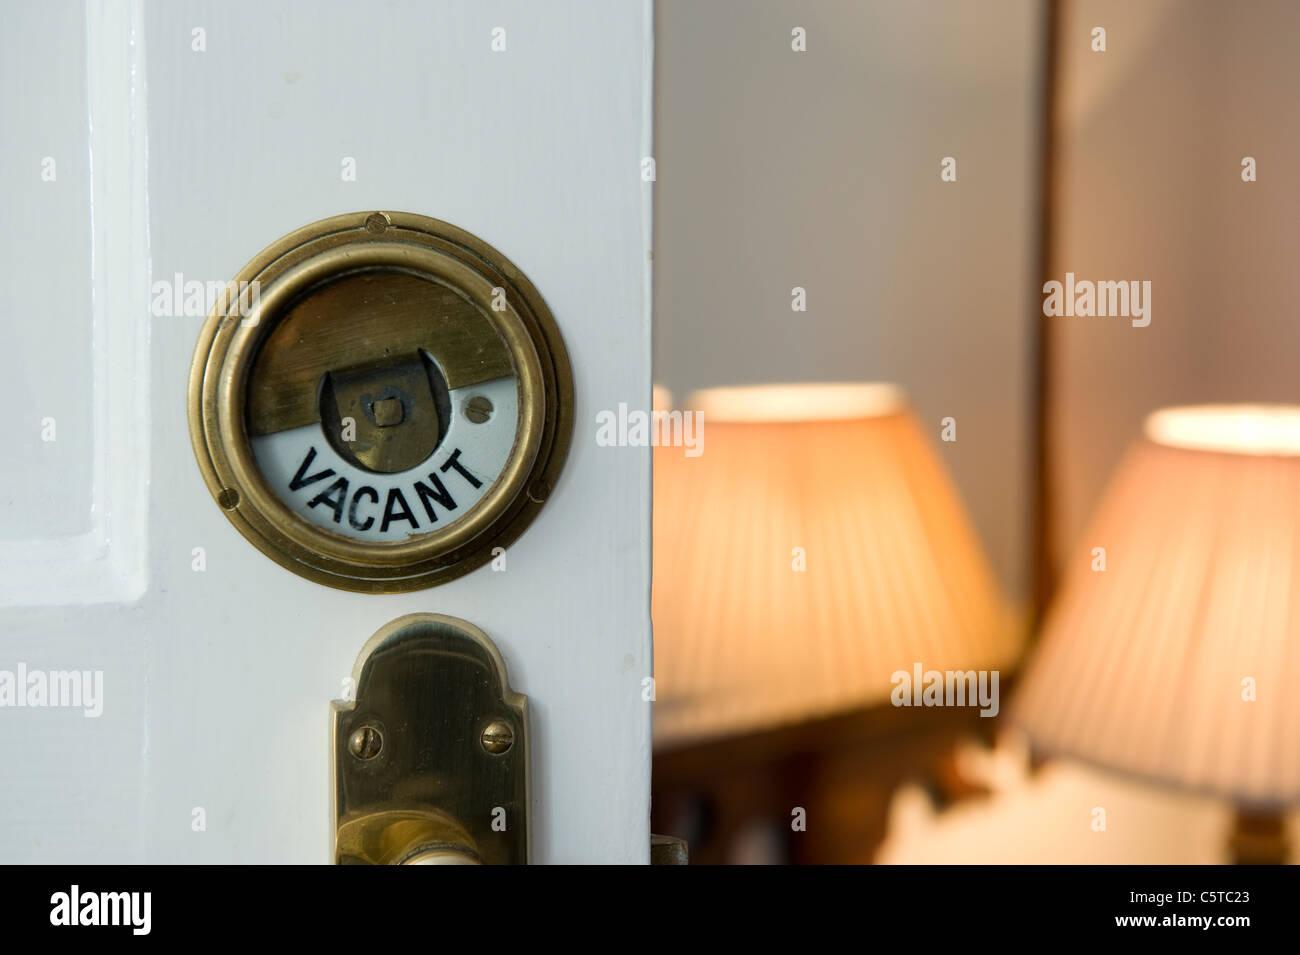 Antique brass bathroom door lock and